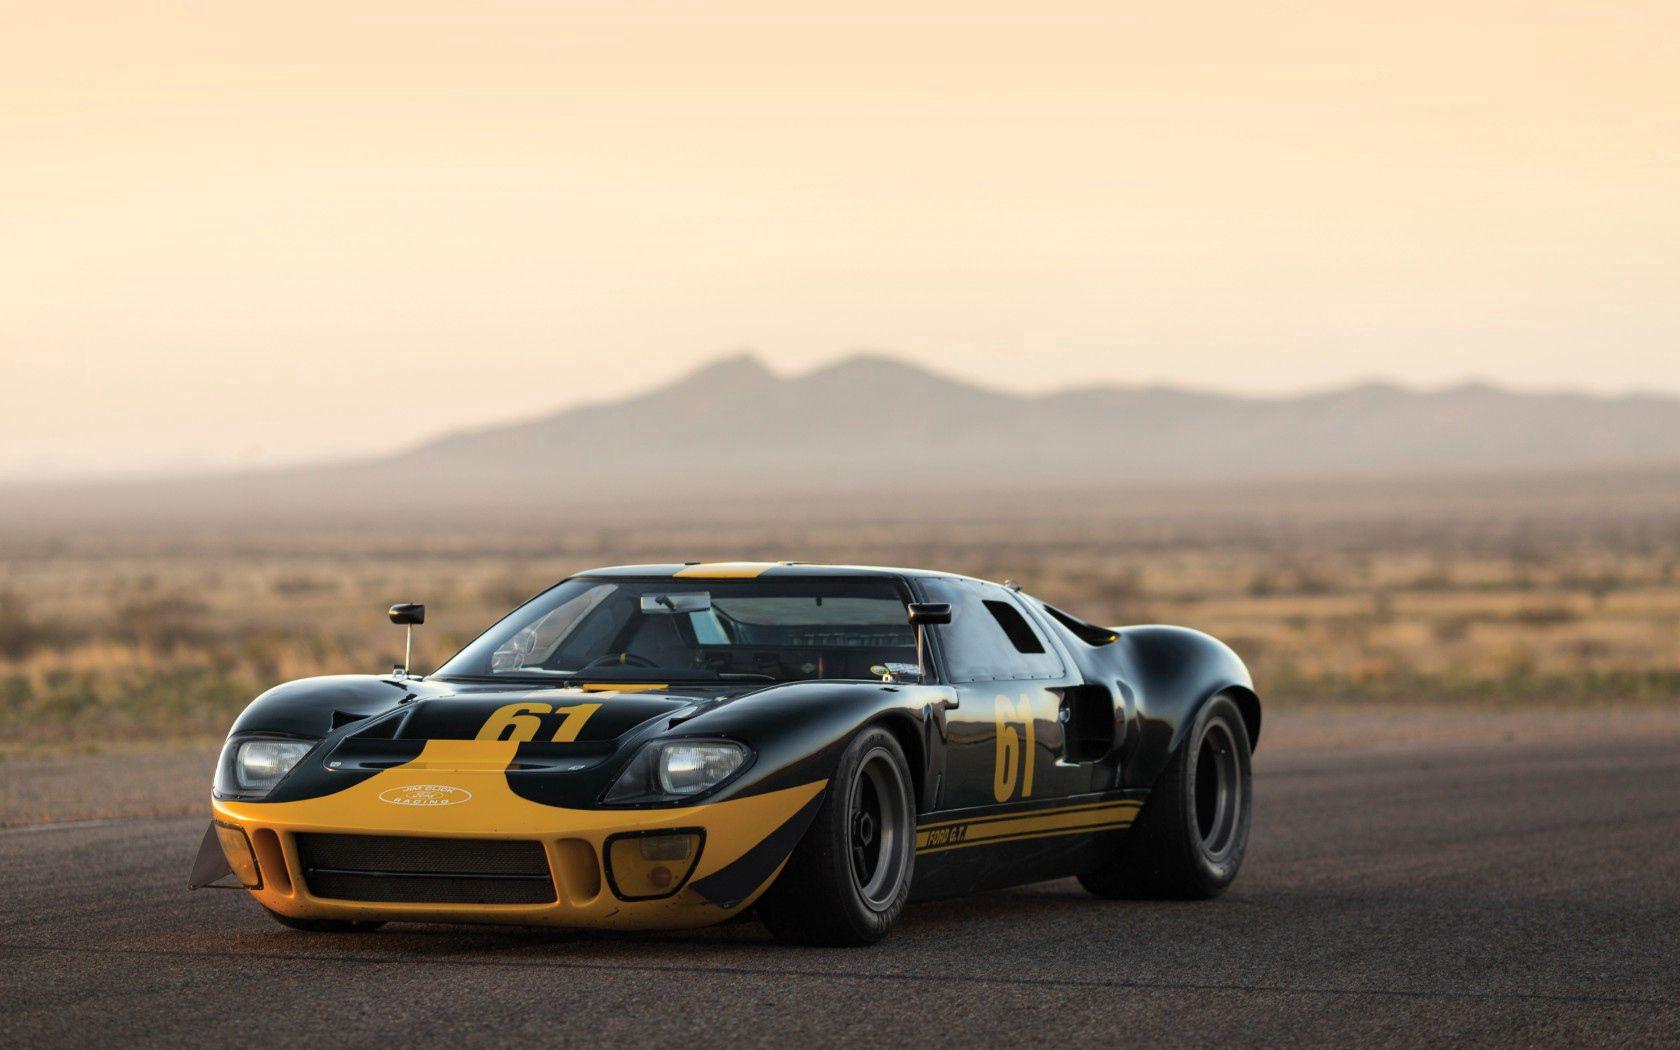 127999 Hintergrundbild herunterladen Ford, Sport, Cars, Sportwagen, Gt40, 1966 - Bildschirmschoner und Bilder kostenlos